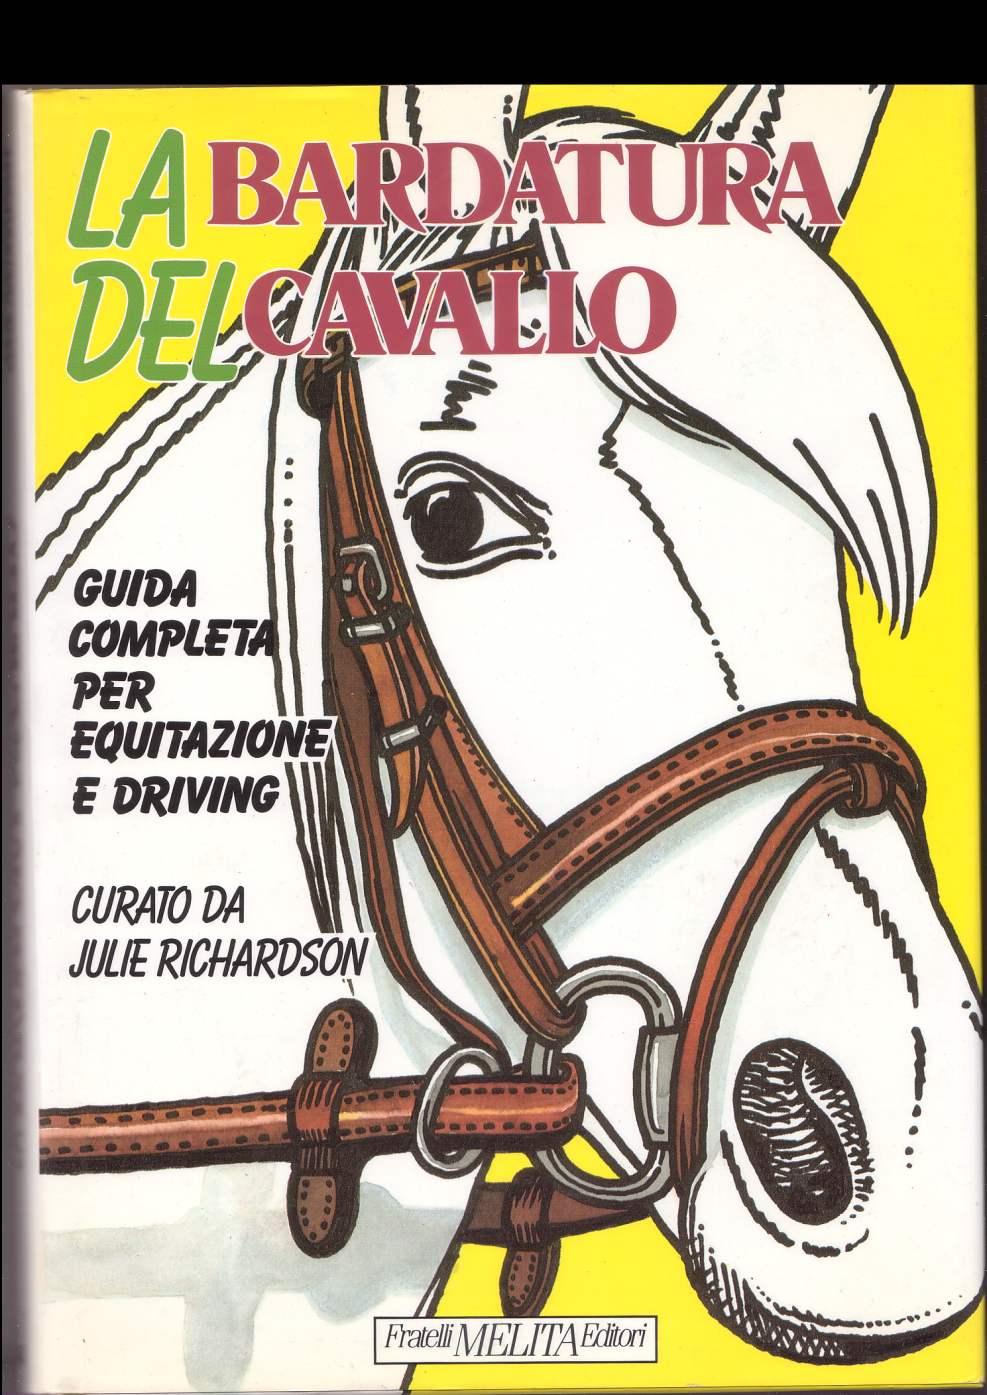 La bardatura del cavallo